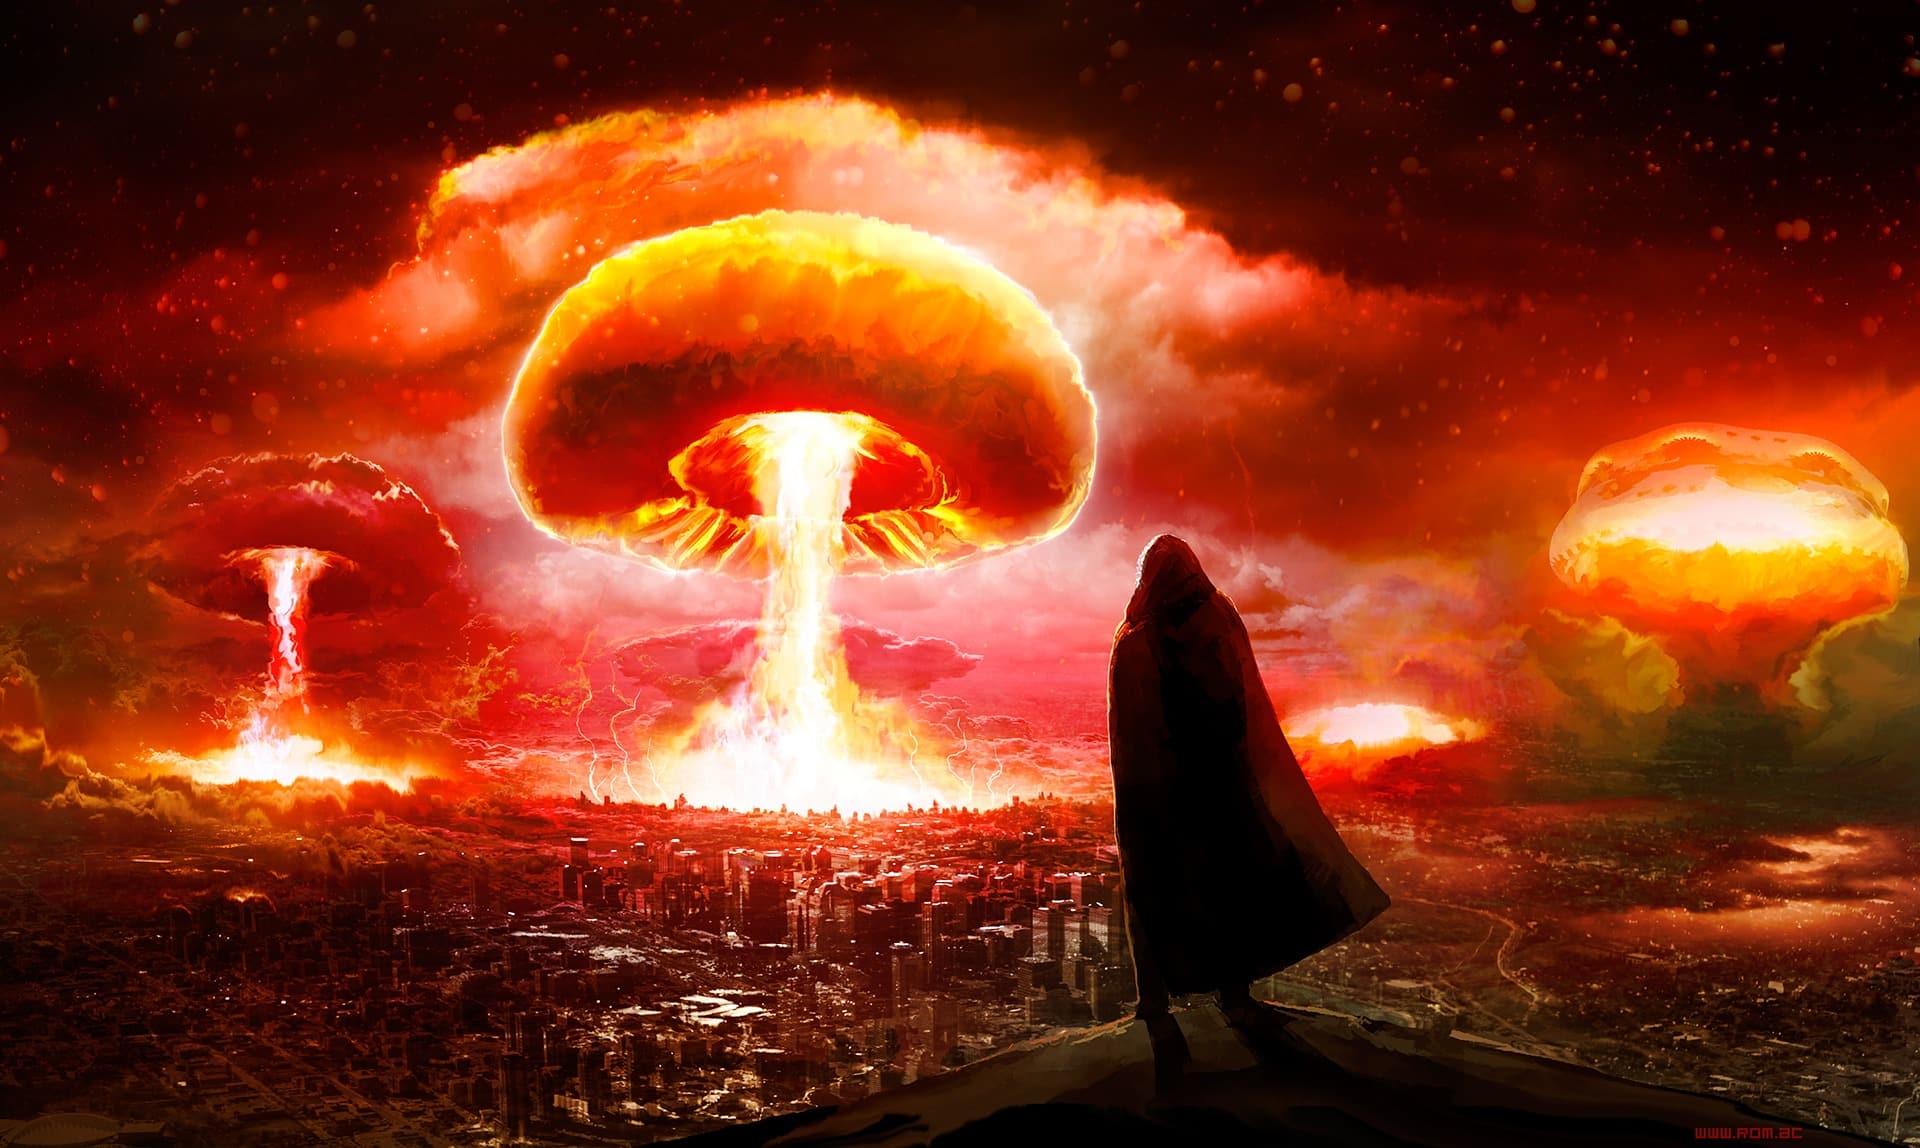 Конец света в 2019 году: когда наступит, Ванга предсказала точную дату наступления апокалипсиса